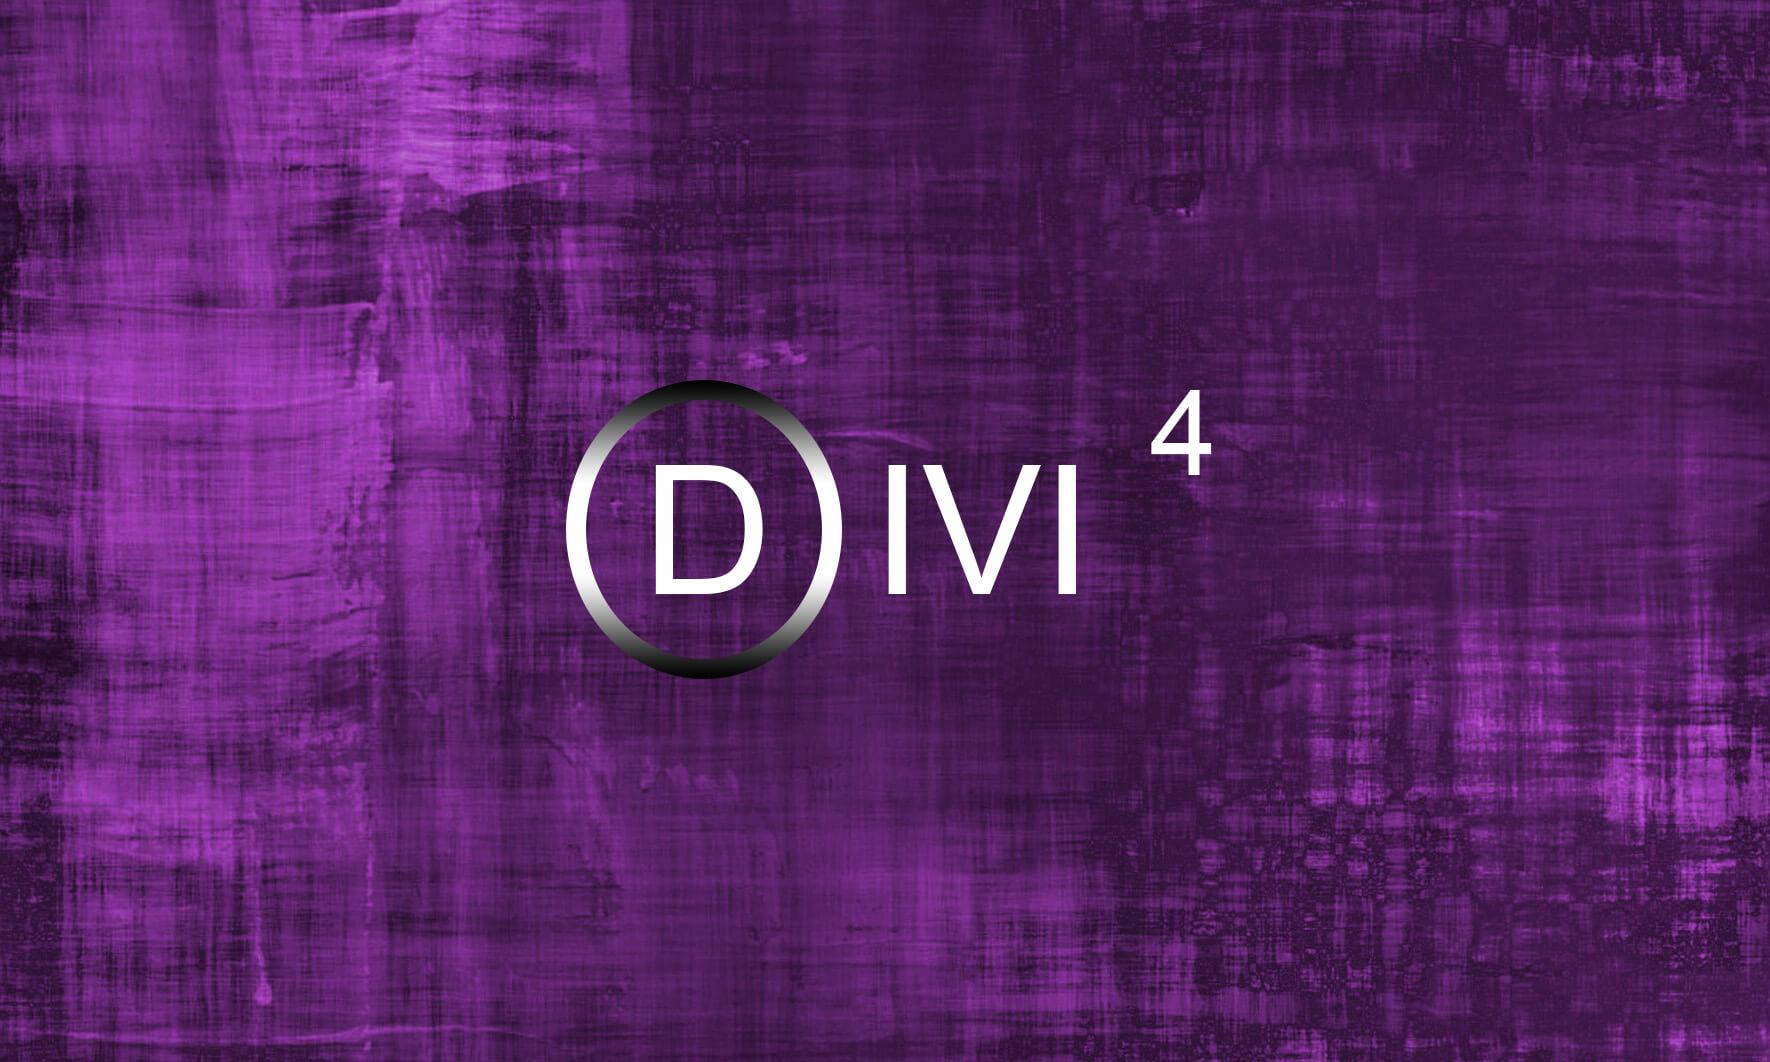 Thème Divi pour WordPress - Test et avis 2